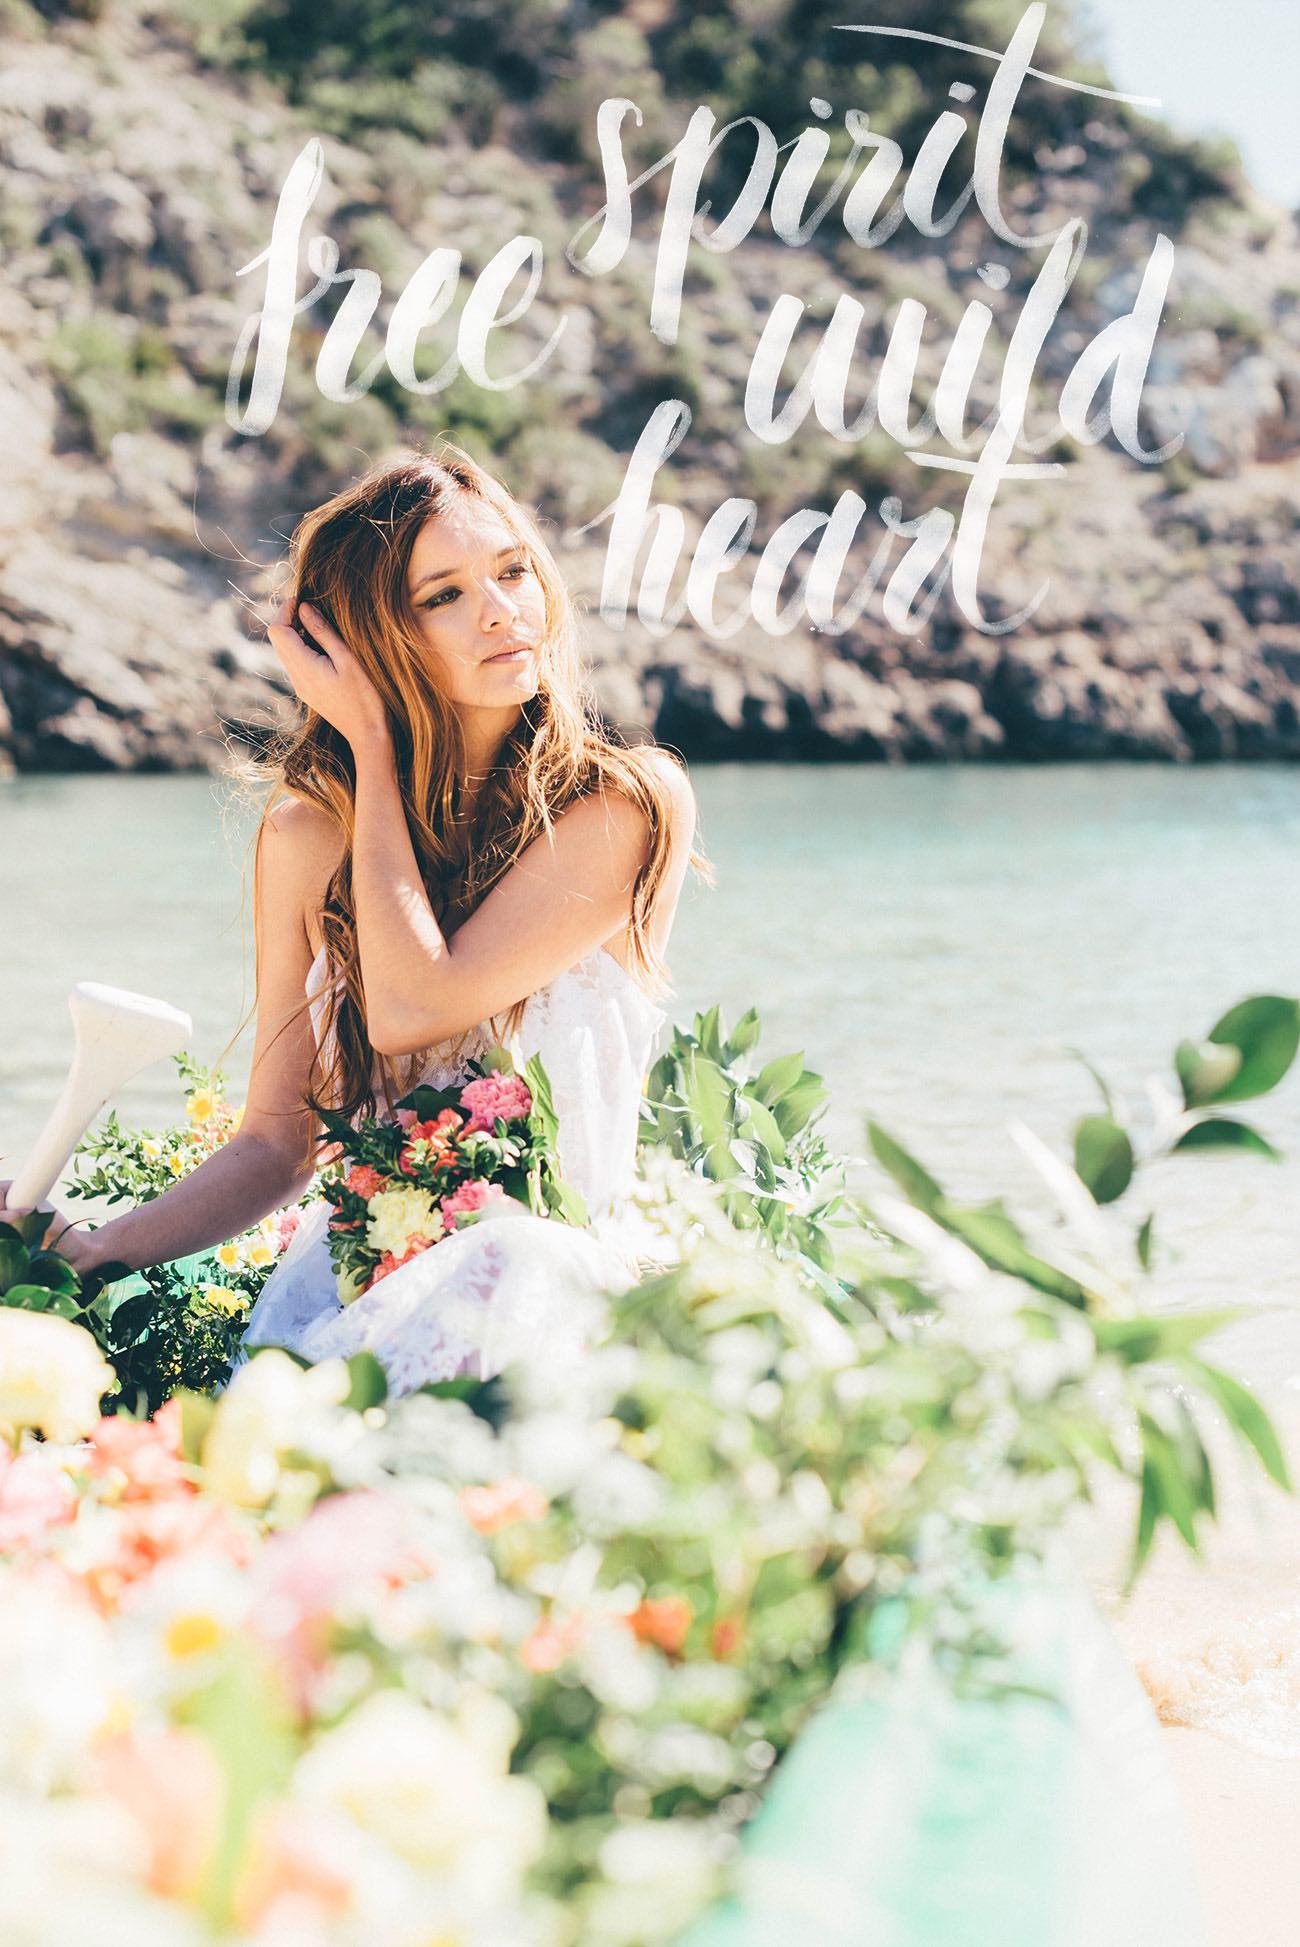 Floriografía: Significado de las flores